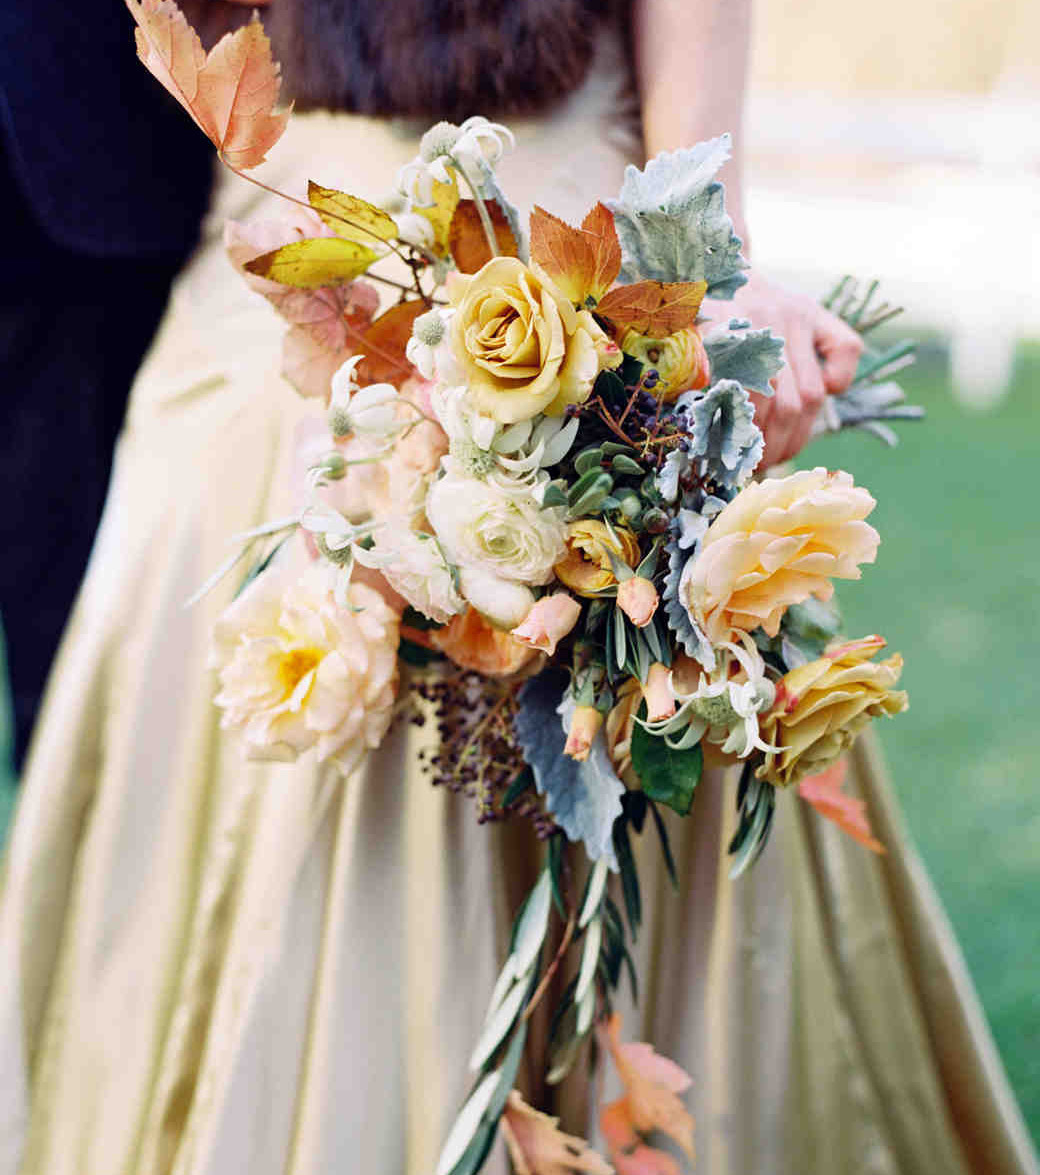 Hochzeit Im Herbst: Ideen Für Kleid, Dekoration, Essen